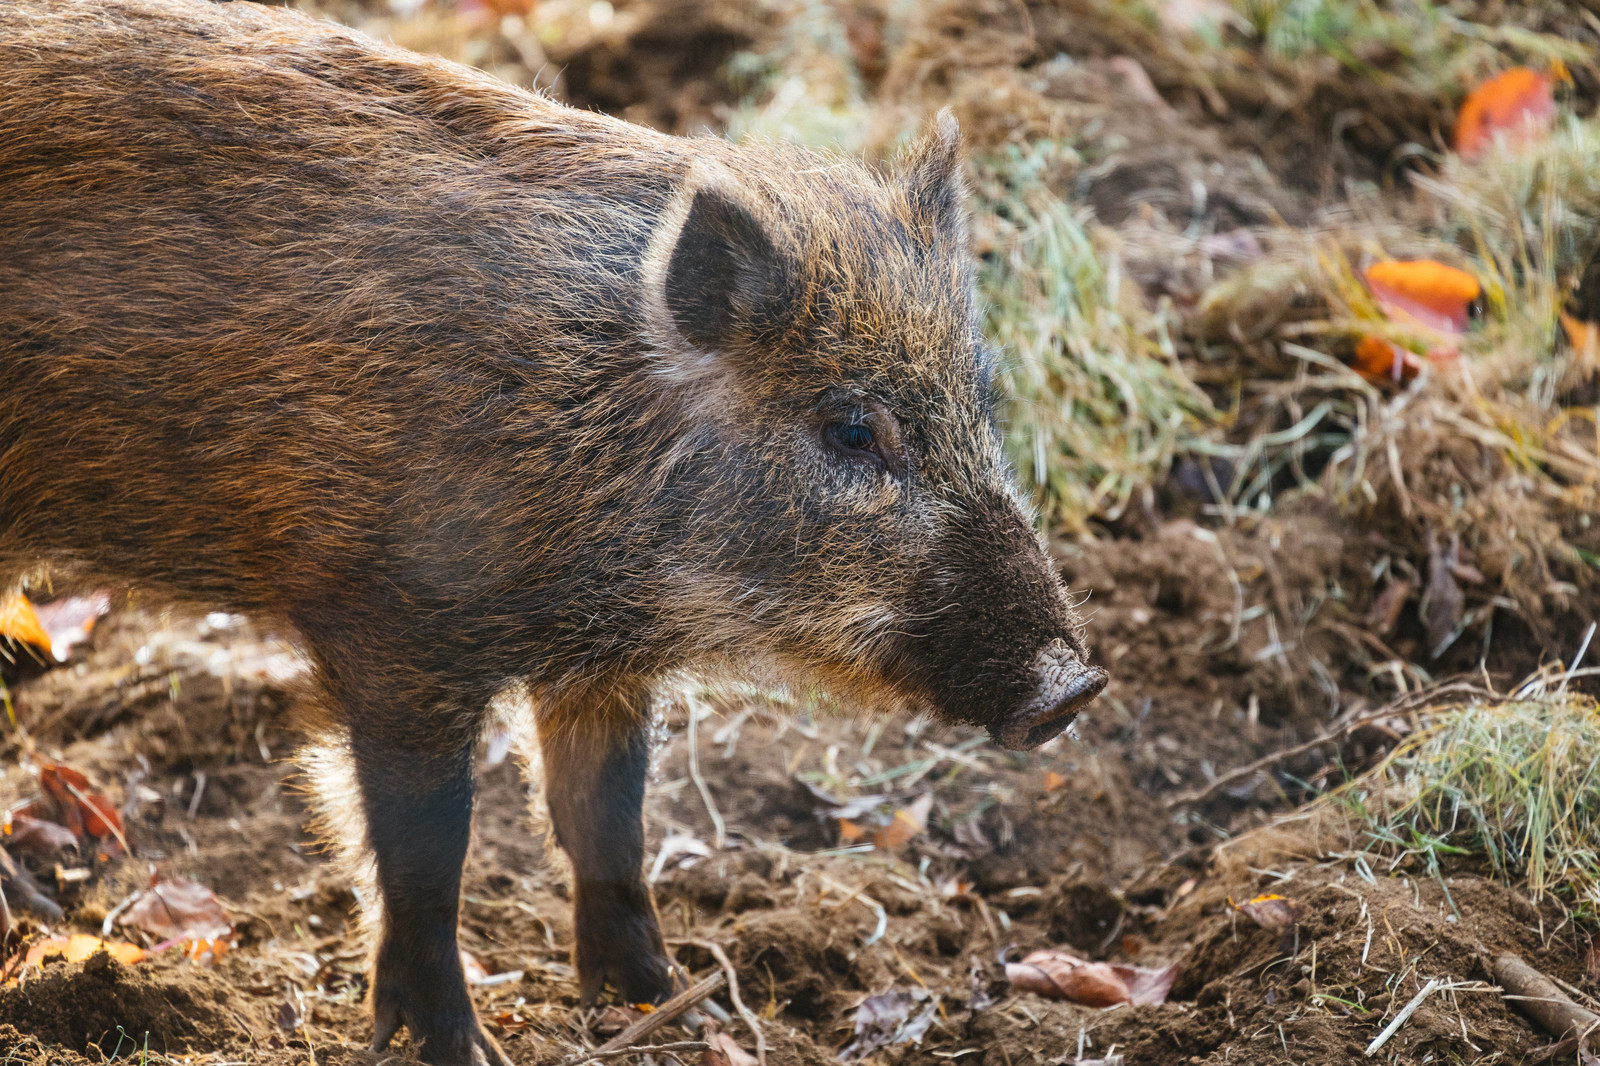 「目つき鋭い猪目つき鋭い猪」のフリー写真素材を拡大